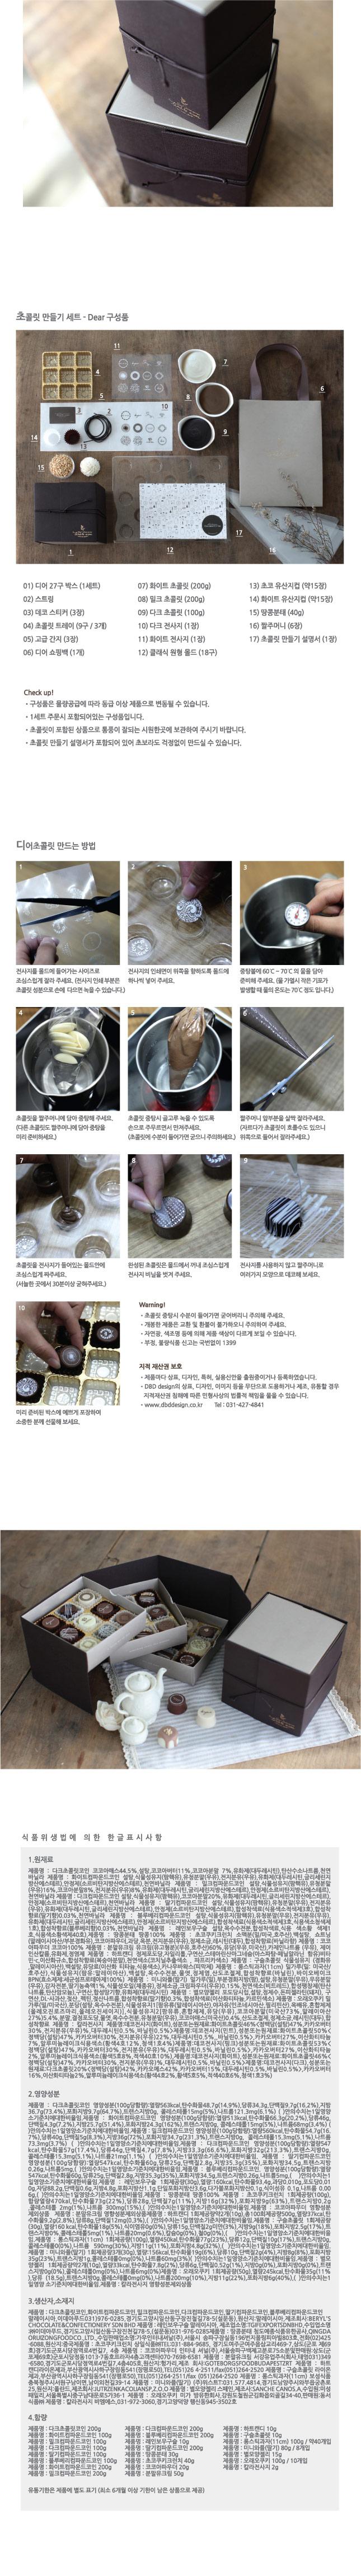 초콜릿 만들기 세트 - Dear - 디비디, 45,000원, DIY세트, 초콜릿 만들기